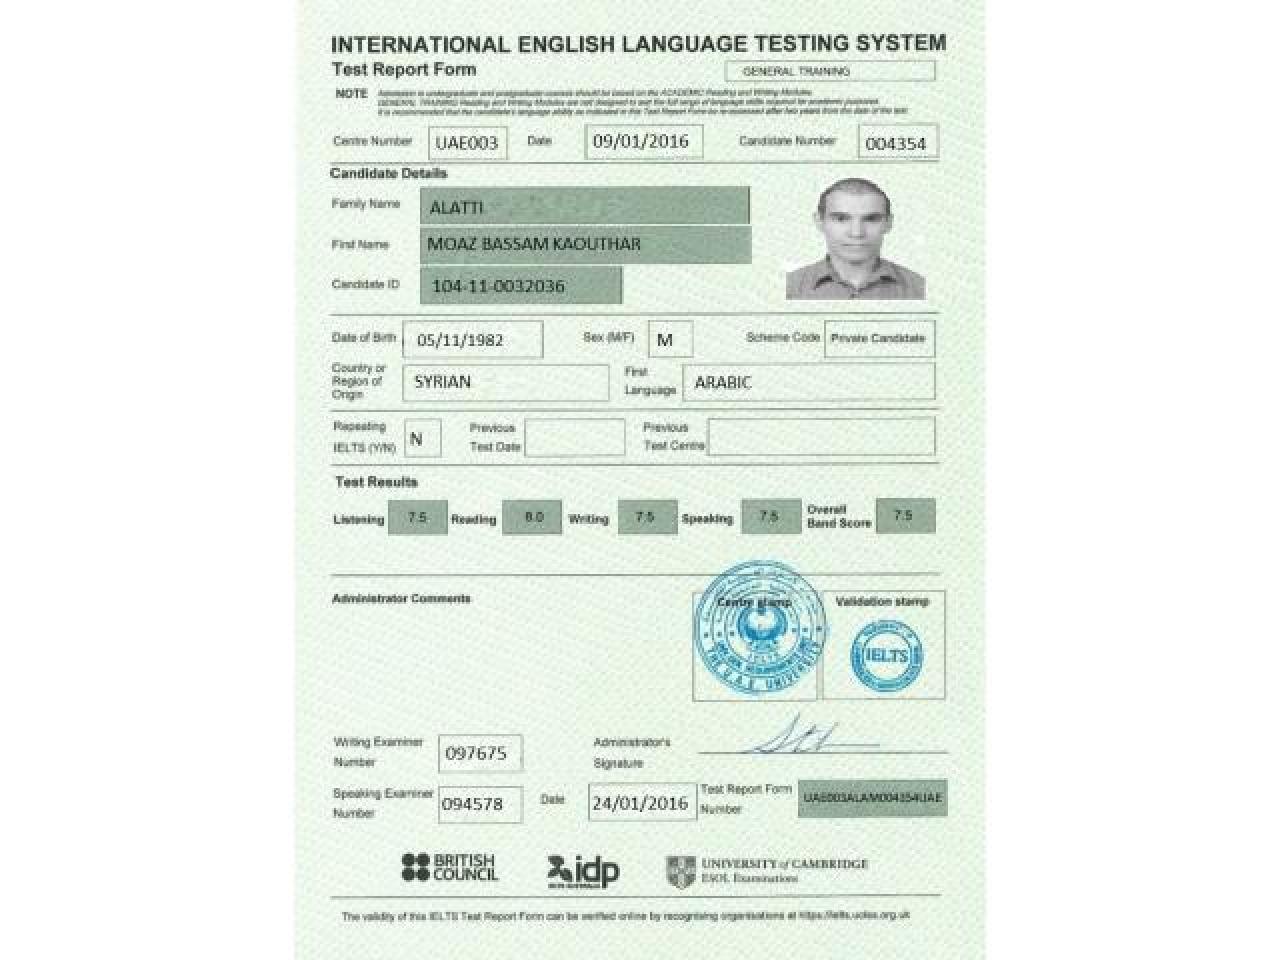 заинтересованы в смене гражданства или выезда за границу Вы? Whatsapp: +905338313731 - 1